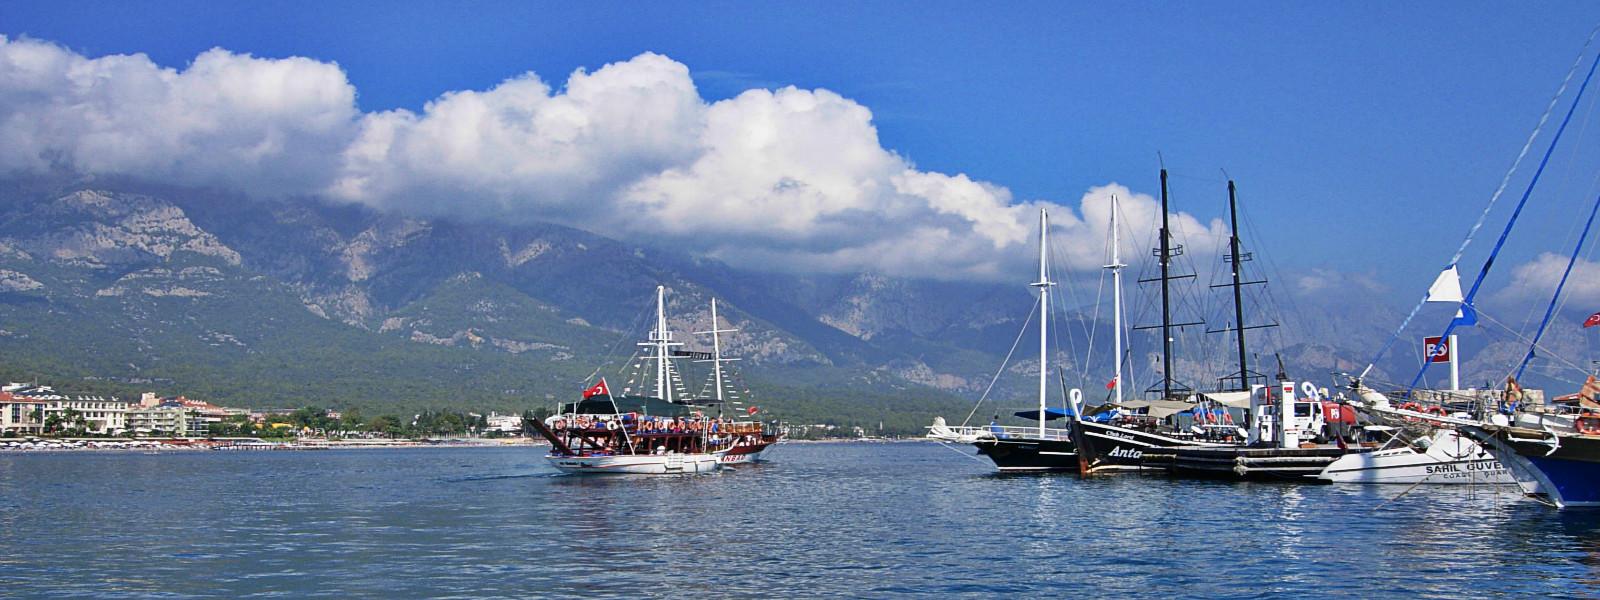 Kemer – die Perle an der mediterranen Küste der Türkei